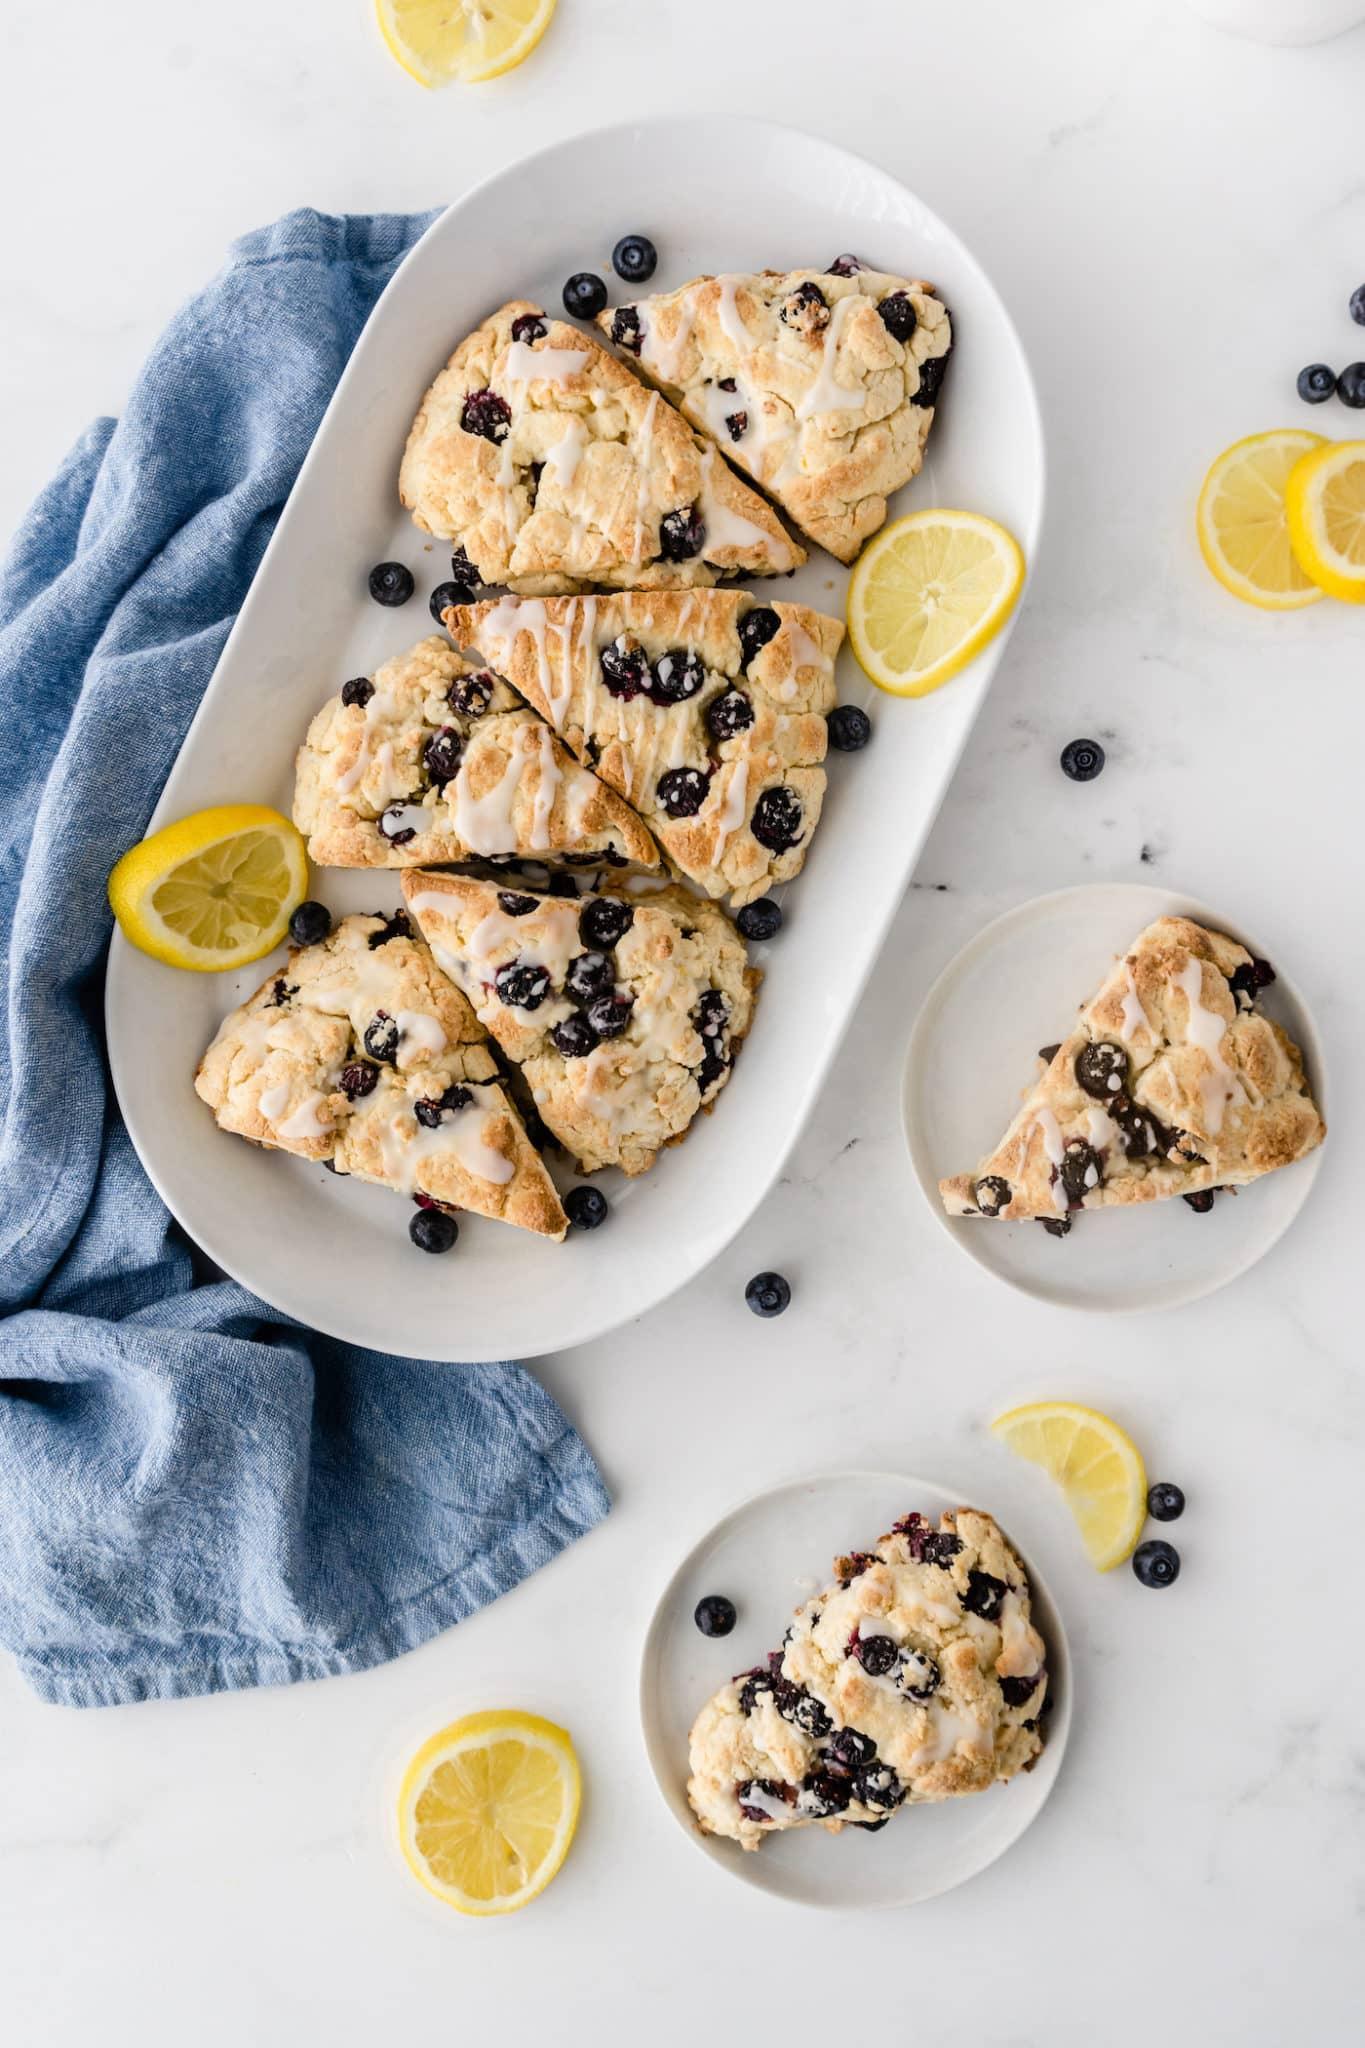 platter of baked gluten-free scones with fresh lemon slices